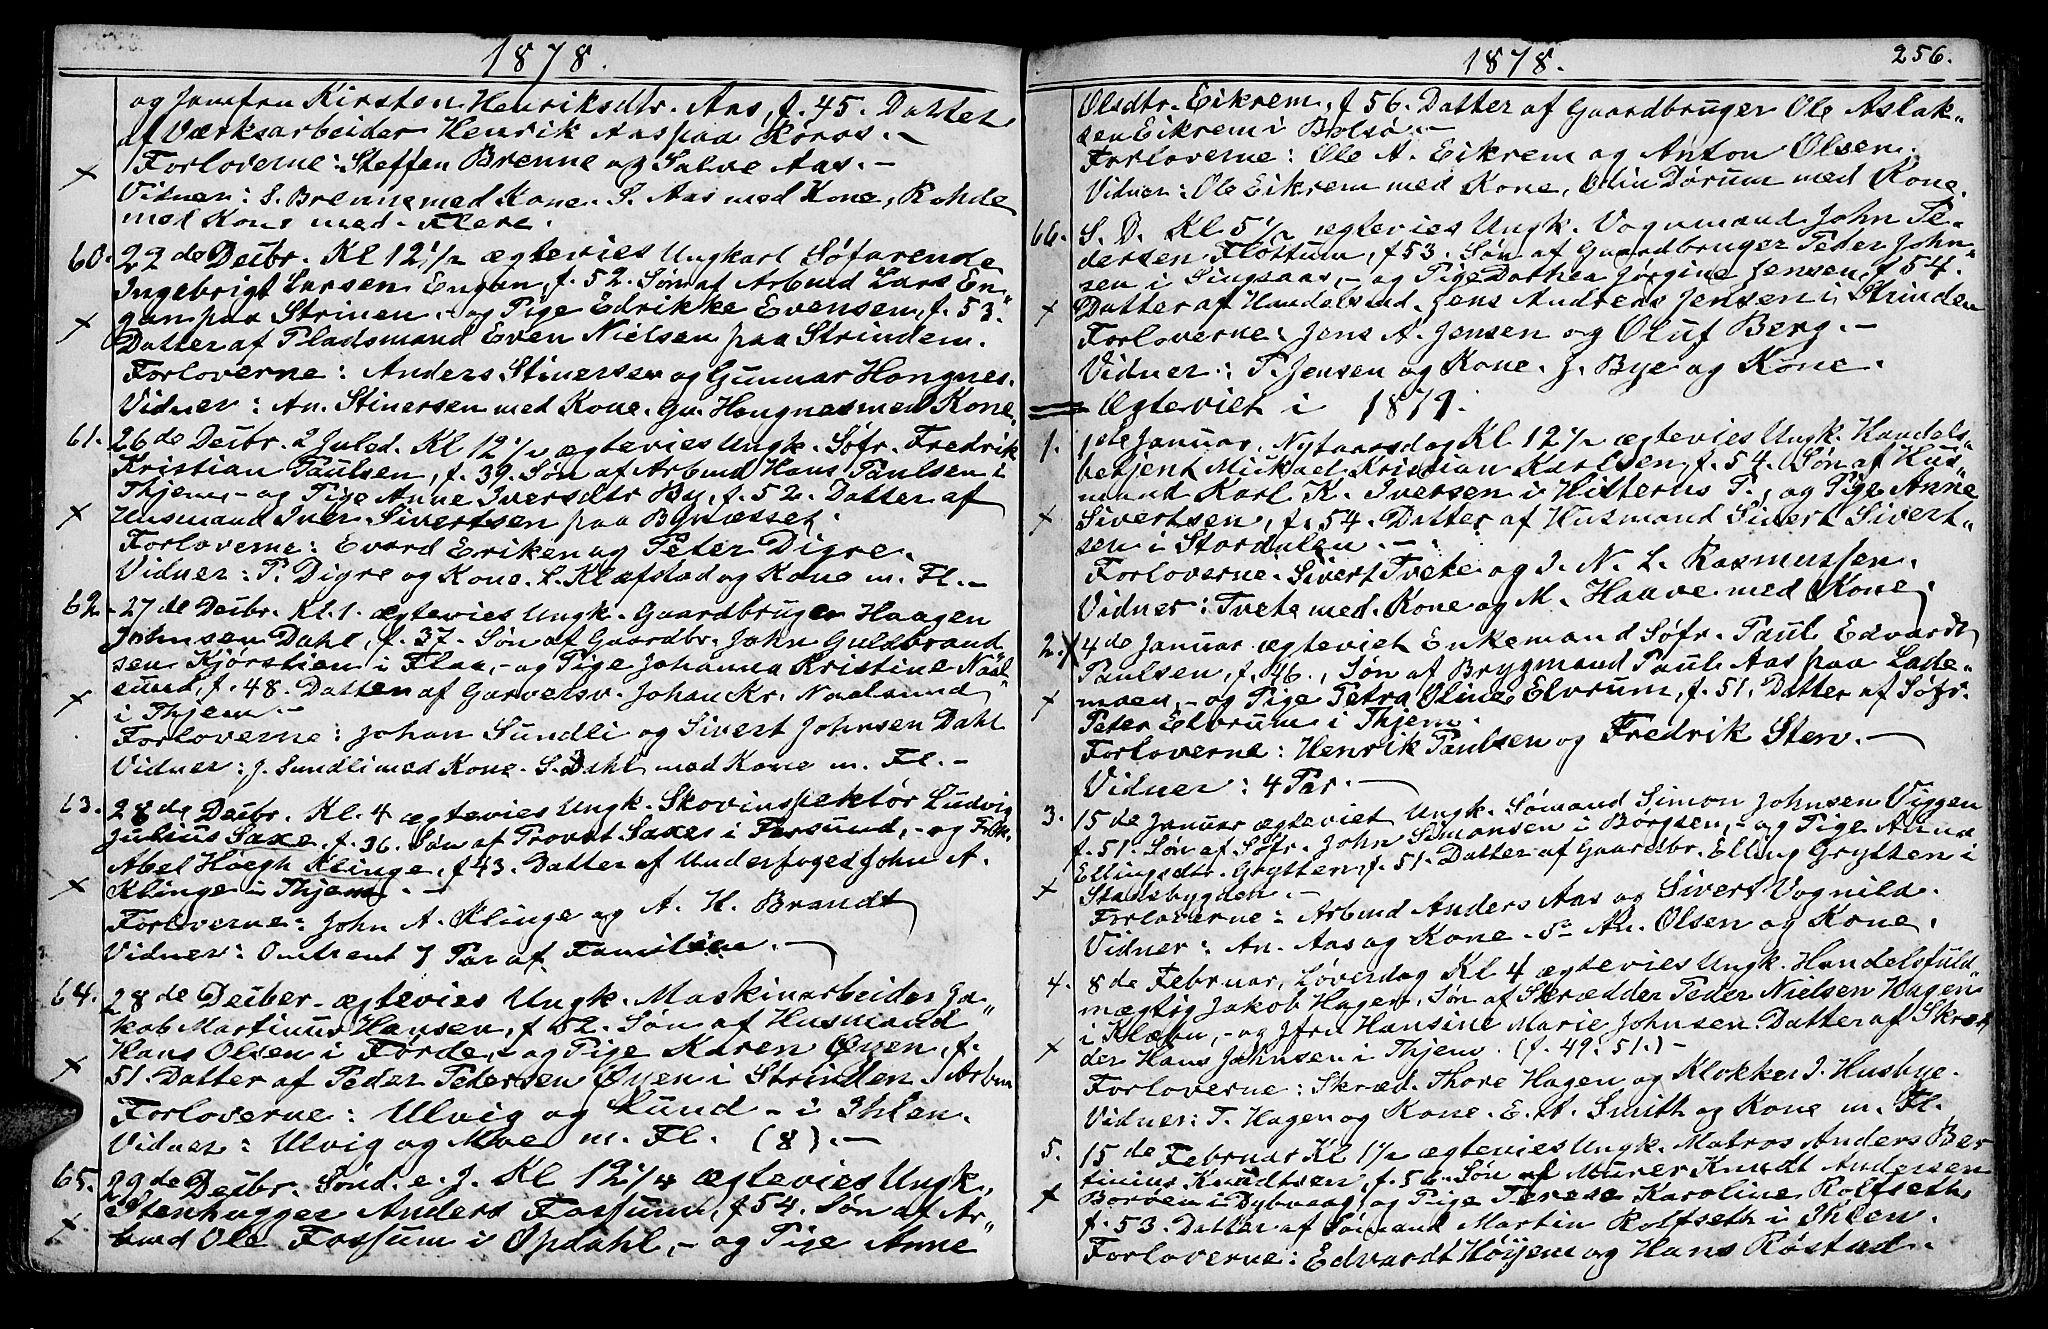 SAT, Ministerialprotokoller, klokkerbøker og fødselsregistre - Sør-Trøndelag, 602/L0142: Klokkerbok nr. 602C10, 1872-1894, s. 256